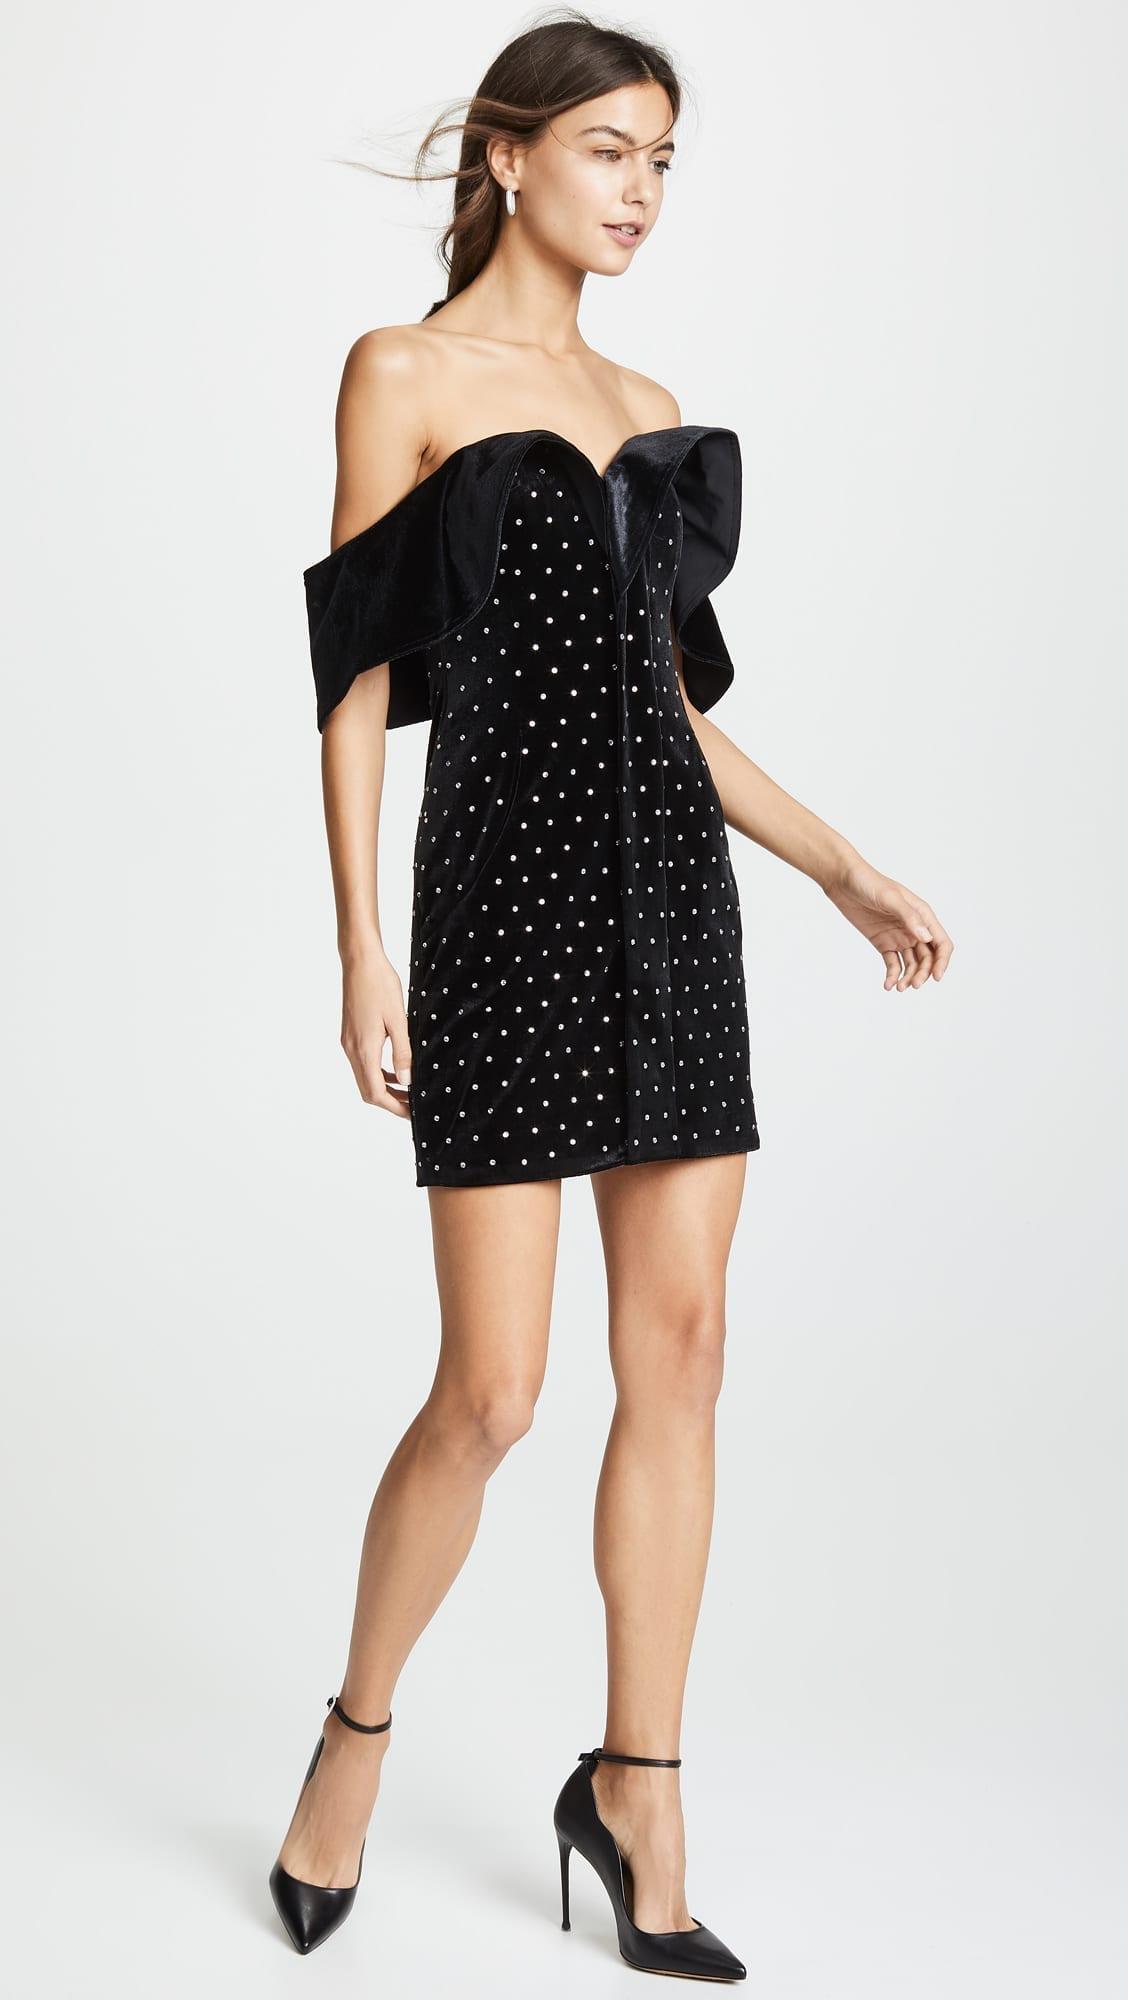 0548856b25 SELF PORTRAIT Off Shoulder Velvet Black Dress - We Select Dresses